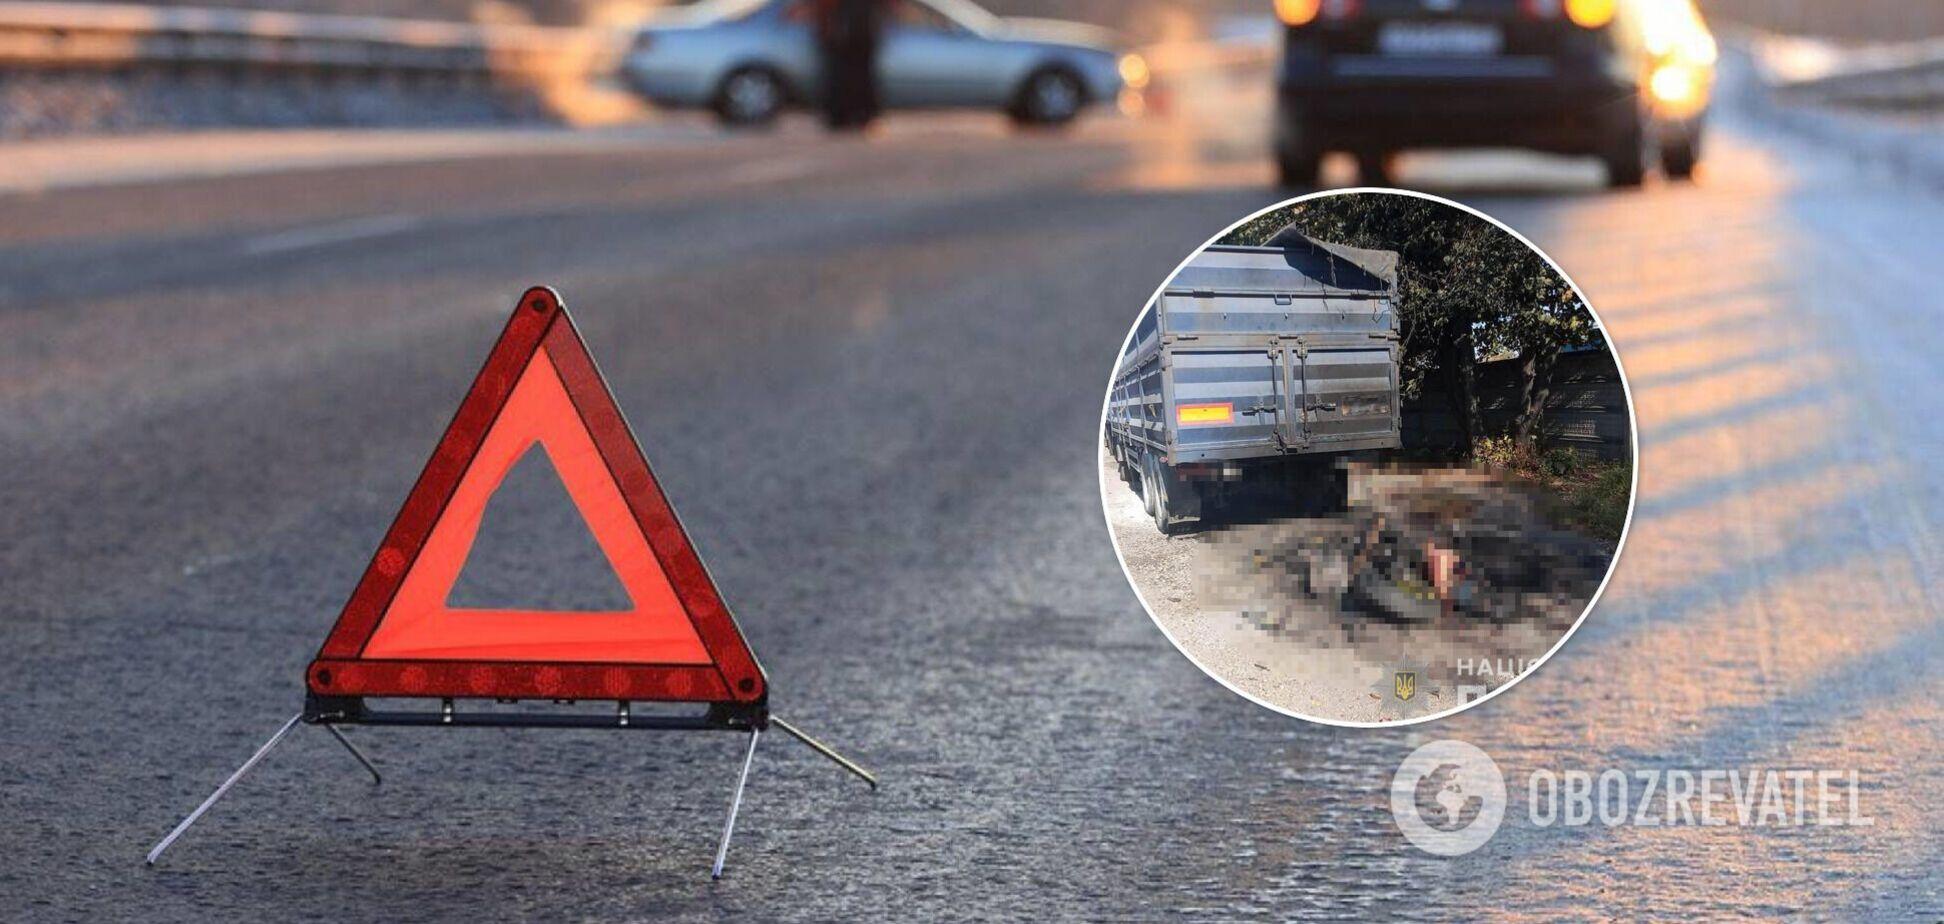 Під Вінницею мотоцикліст влетів у вантажівку: деталі й фото з місця смертельної ДТП